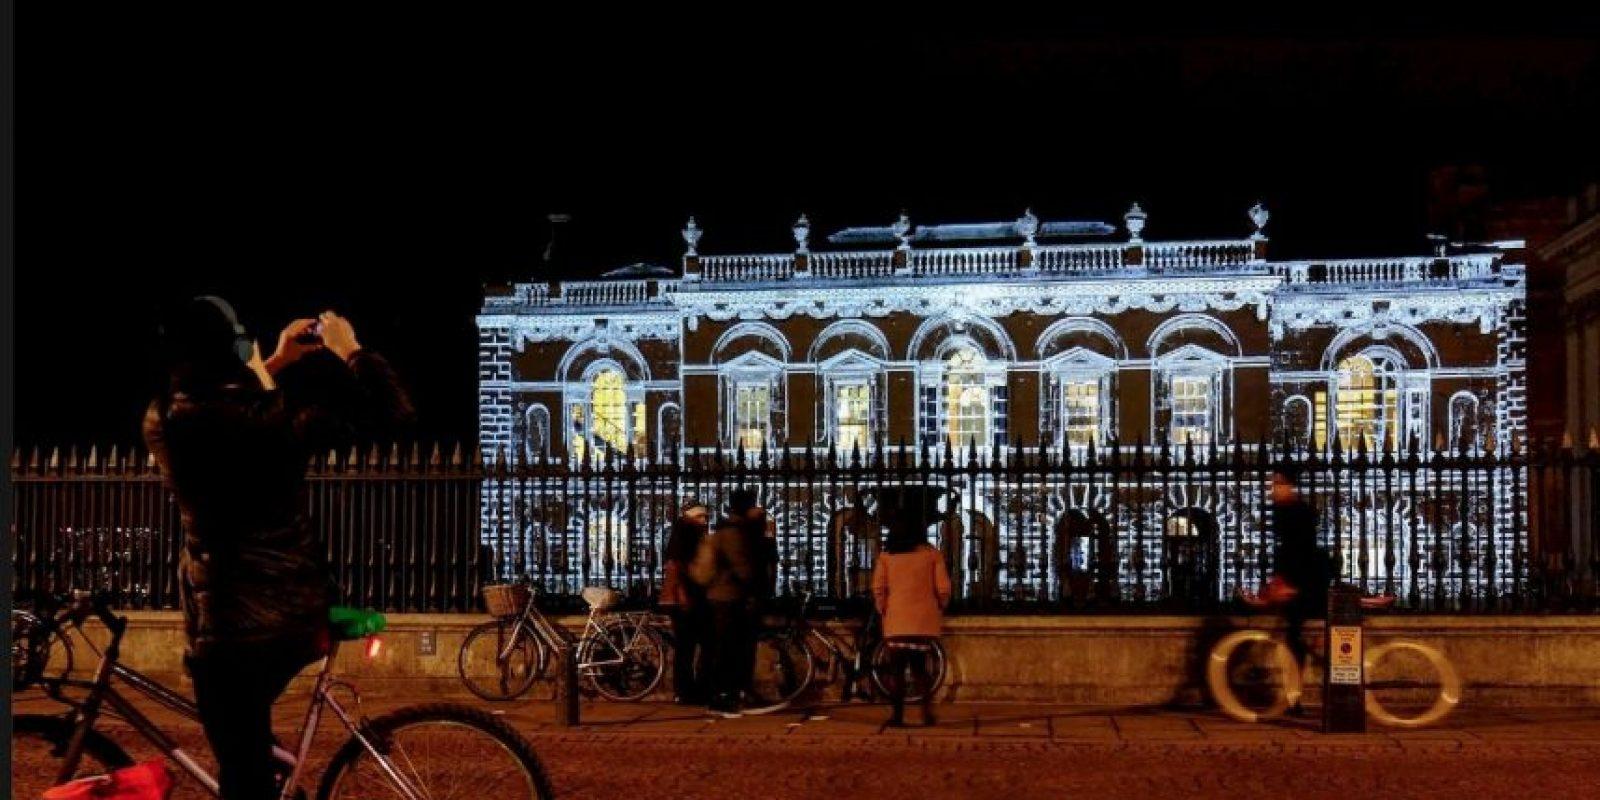 Fundada en 1209, es la universidad de habla inglesa más antigua. Foto:facebook.com/cambridge.university/